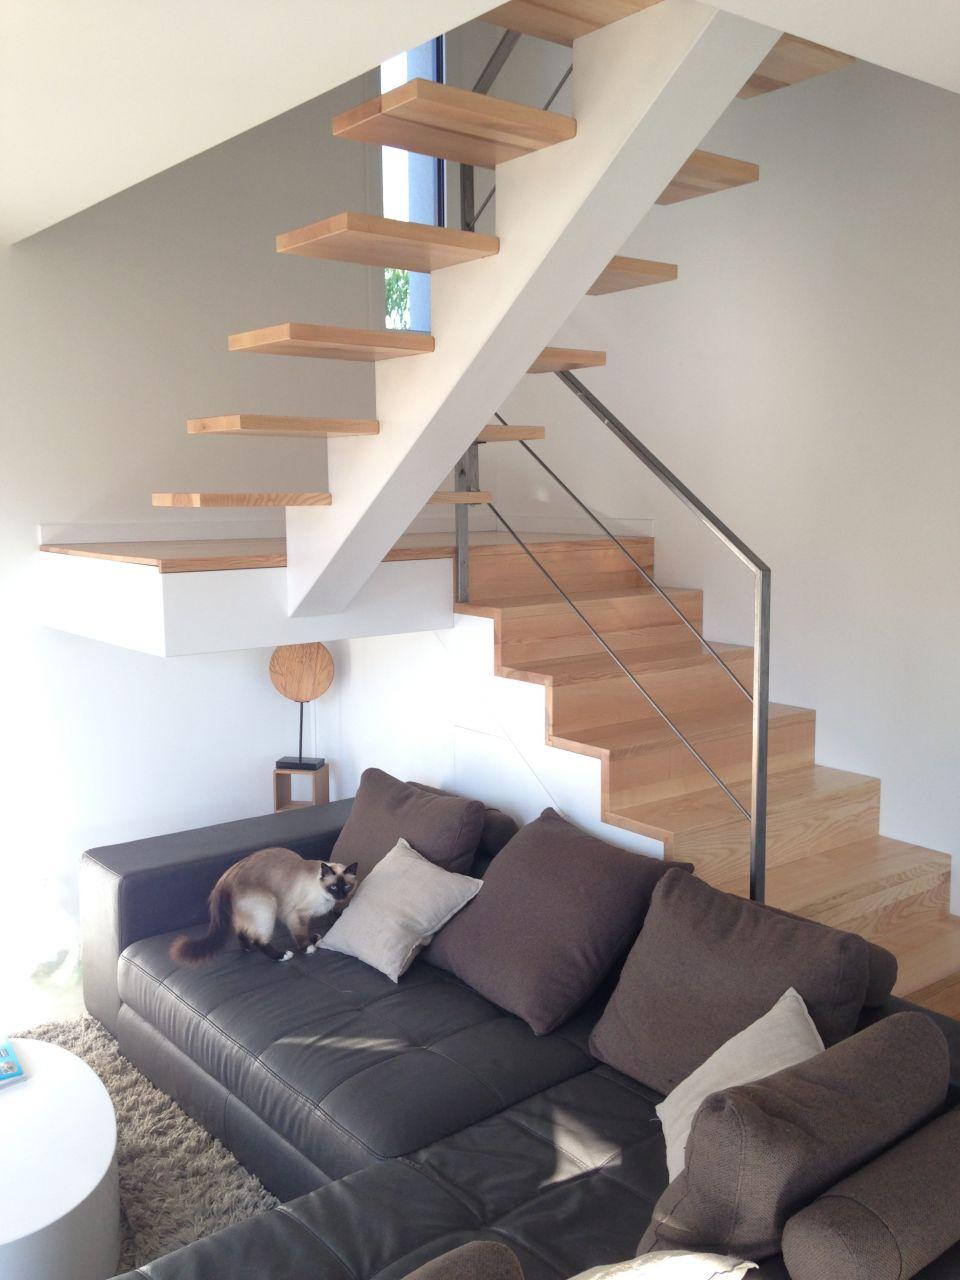 1000 ideas about revetement escalier on pinterest peinture sol garage escalier beton and. Black Bedroom Furniture Sets. Home Design Ideas